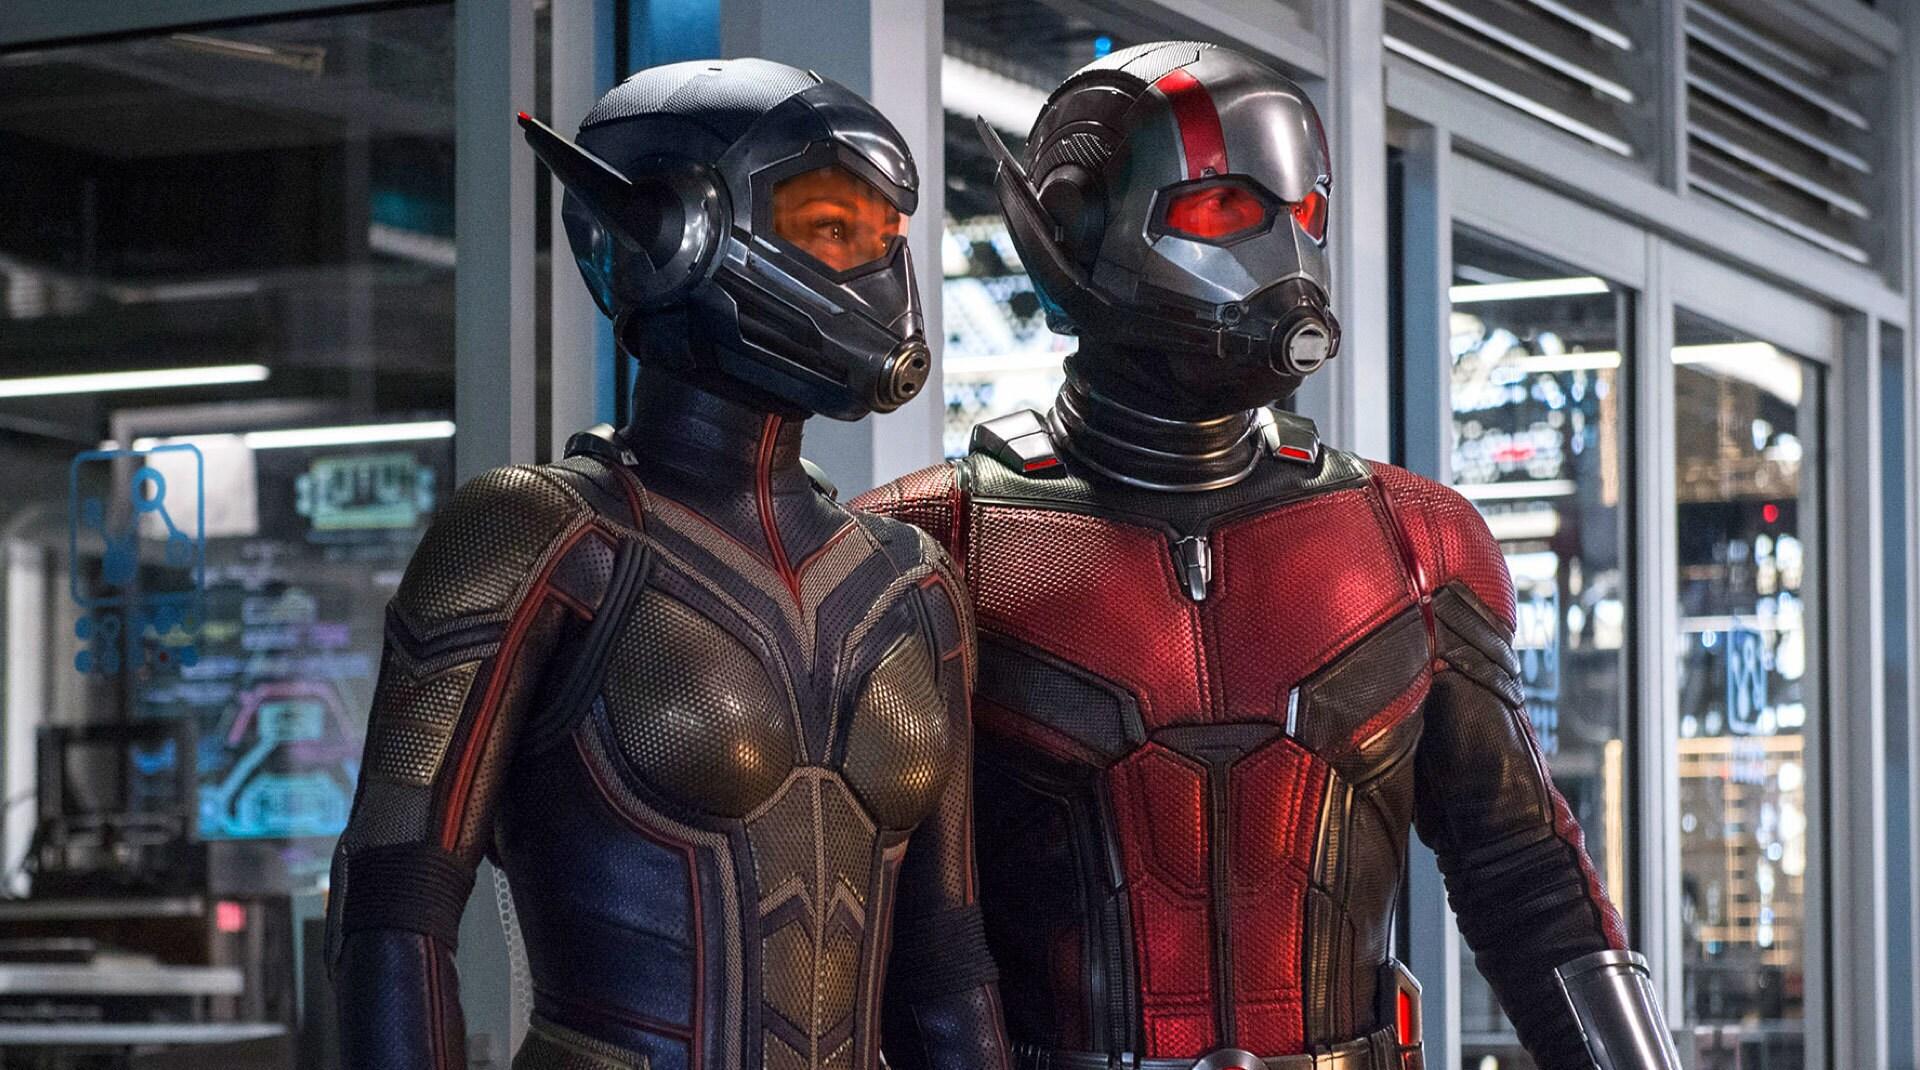 Une image de Marvel Studios' Ant-Man et La Guêpe